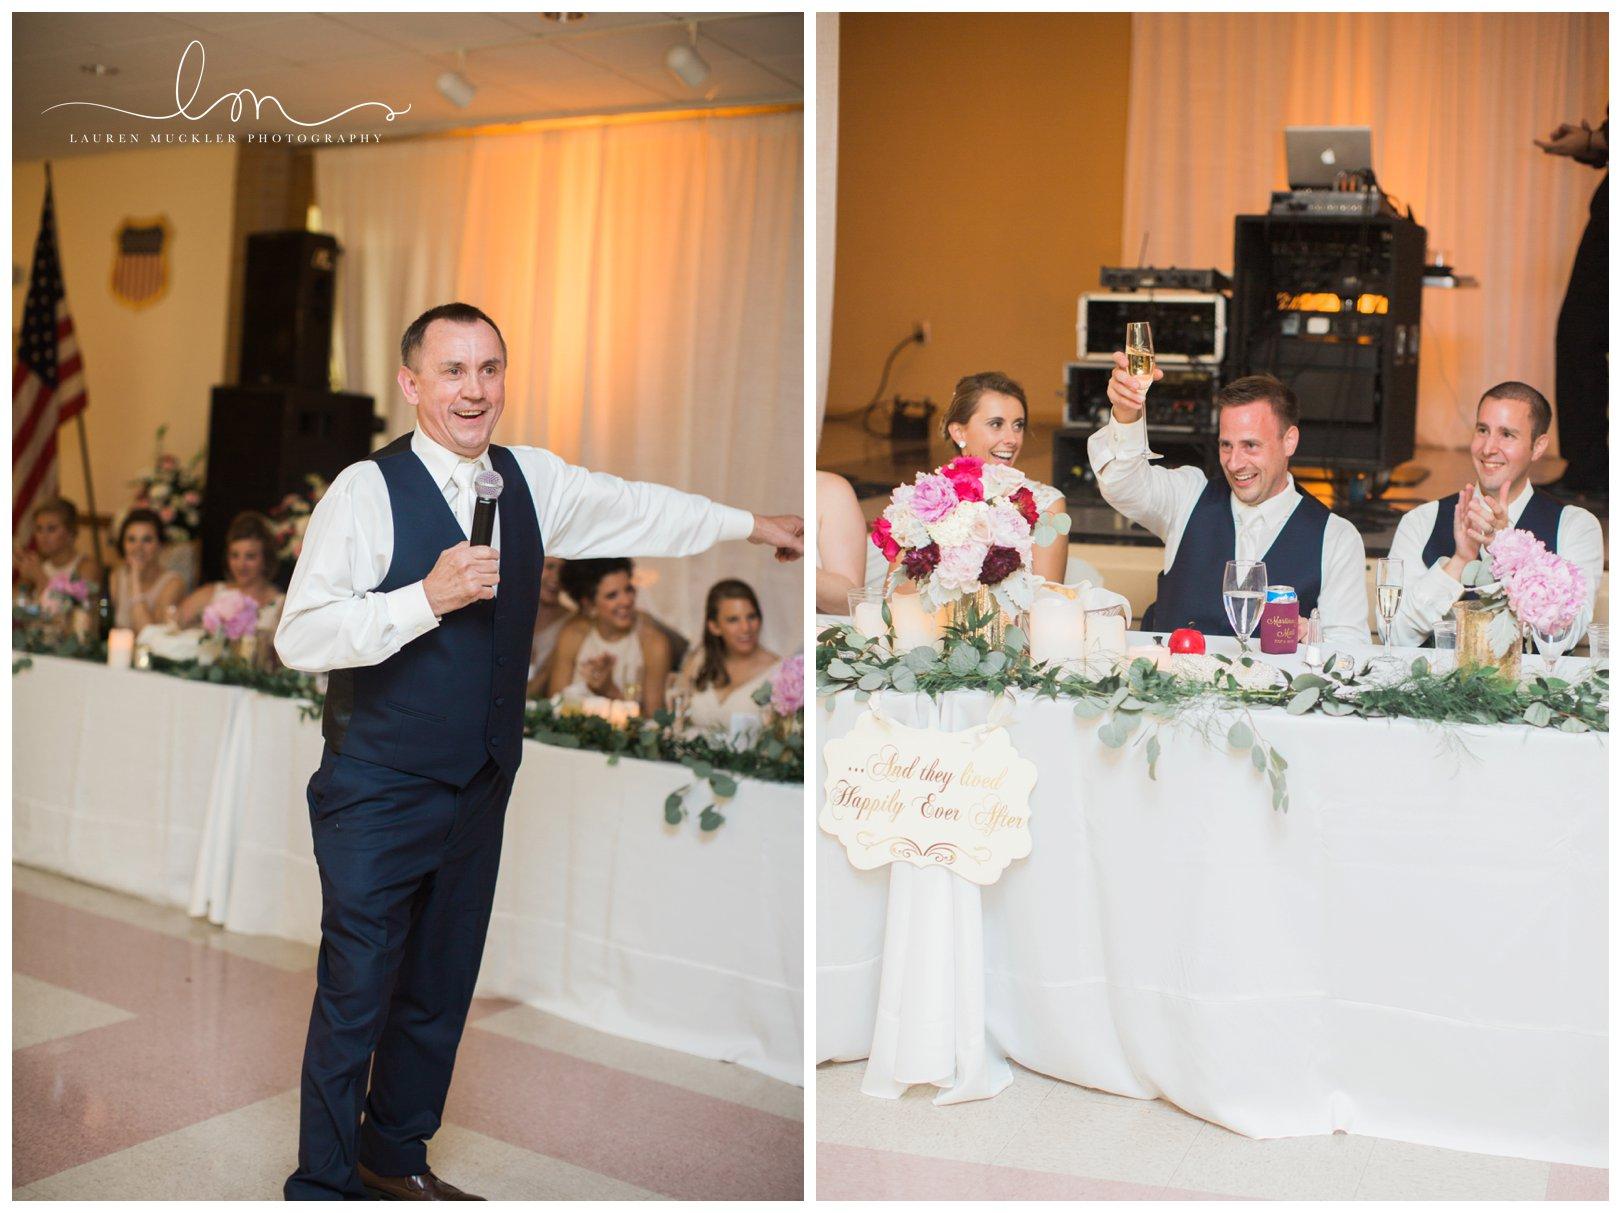 lauren muckler photography_fine art film wedding photography_st louis_photography_0499.jpg